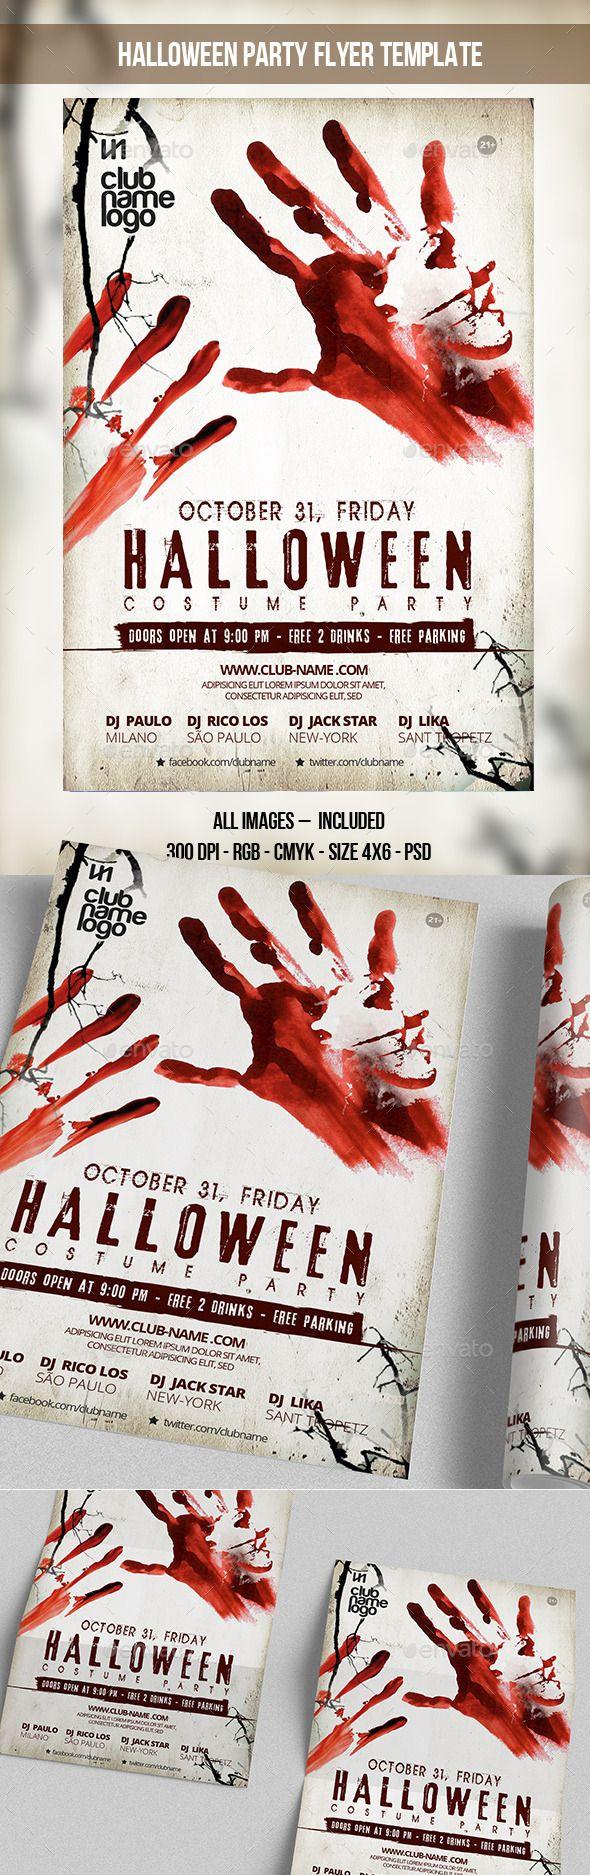 Halloween Party Flyer Template | Volantino per festa, Eventi e ...